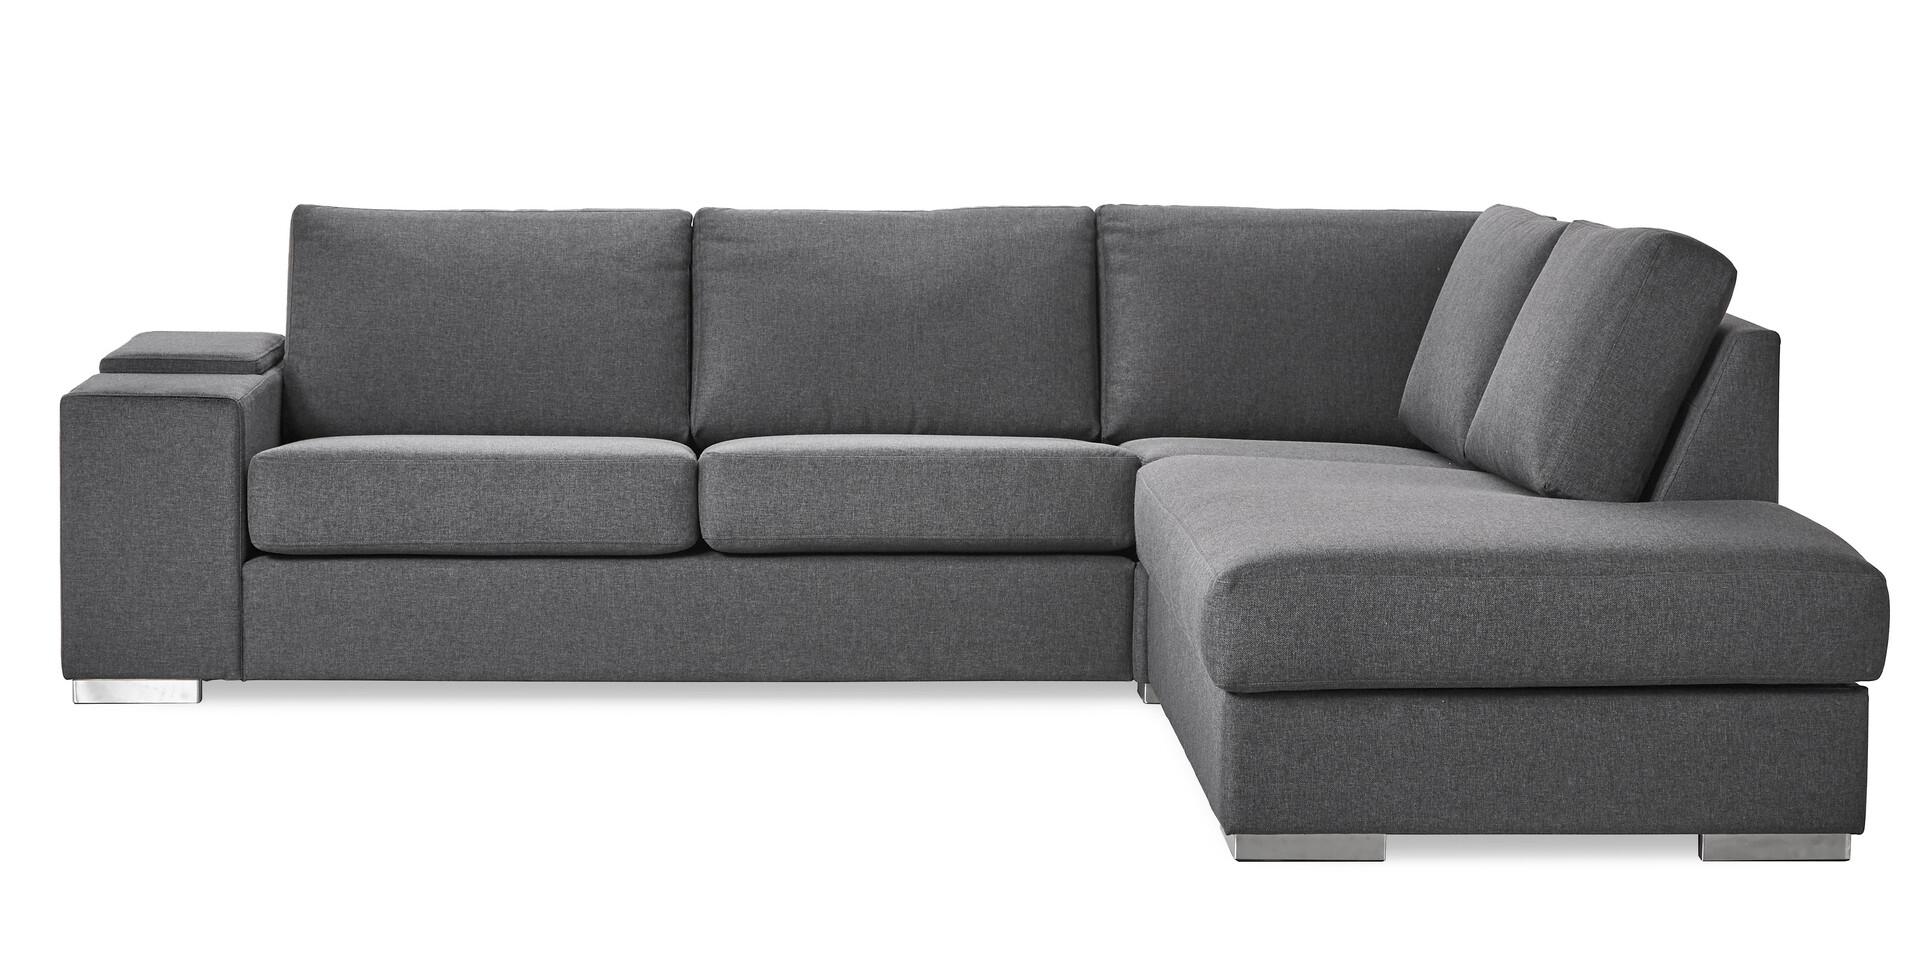 Splitter nya Modern Living 3-sits soffa med divan höger | Soffa | Mio NN-74